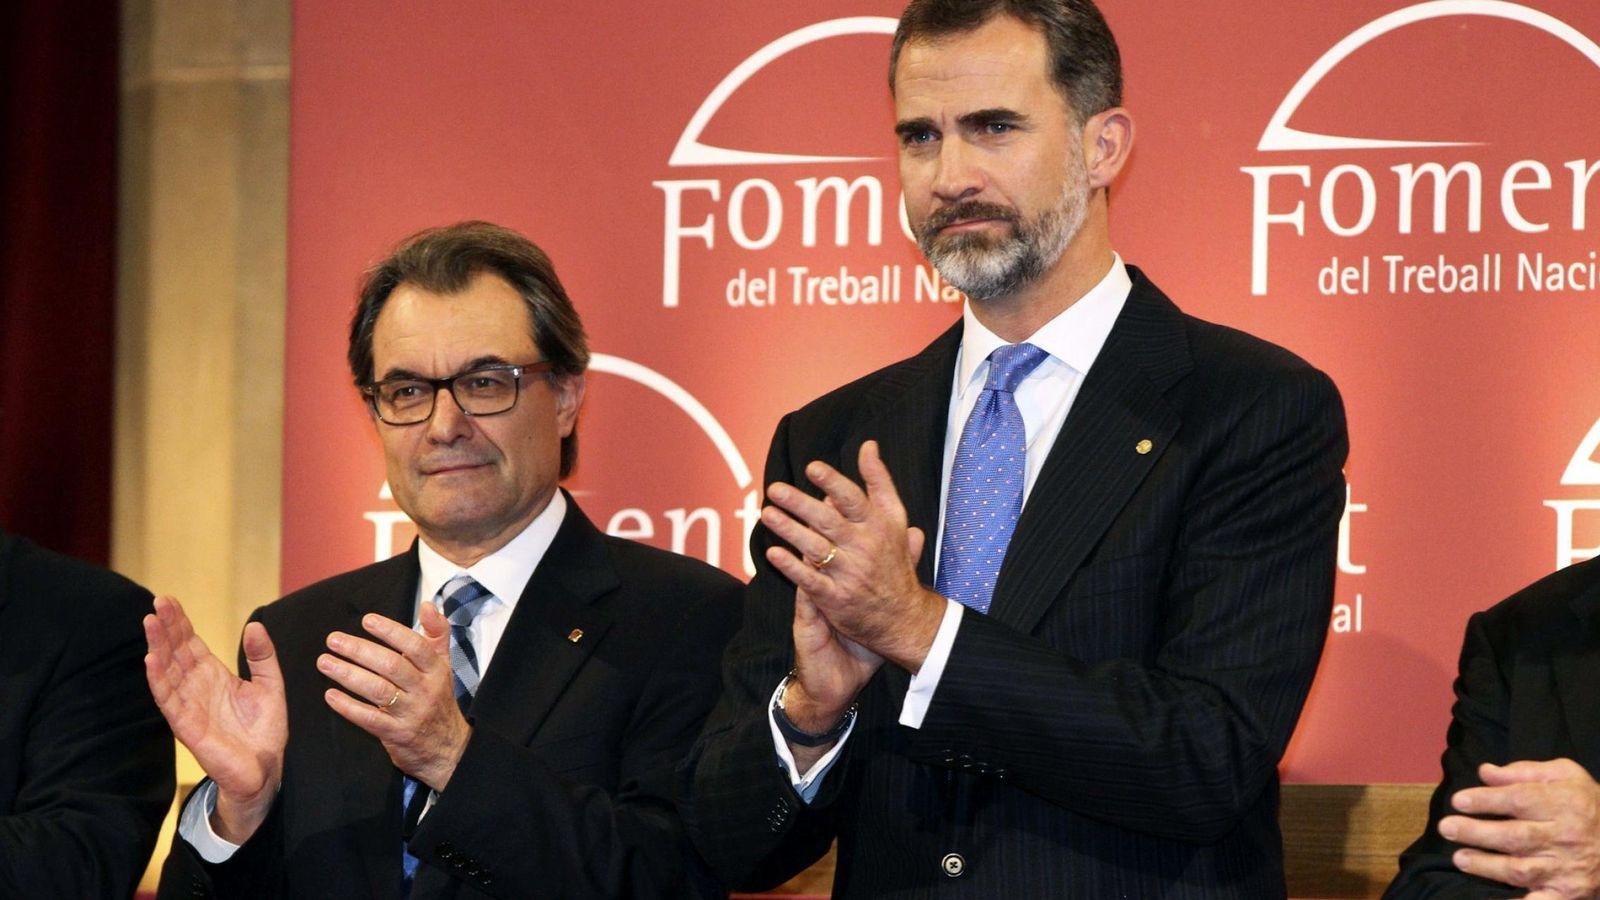 Foto: El Rey Felipe VI junto al presidente de la Generalitat Artur Mas en una fotografía de archivo. (Efe)